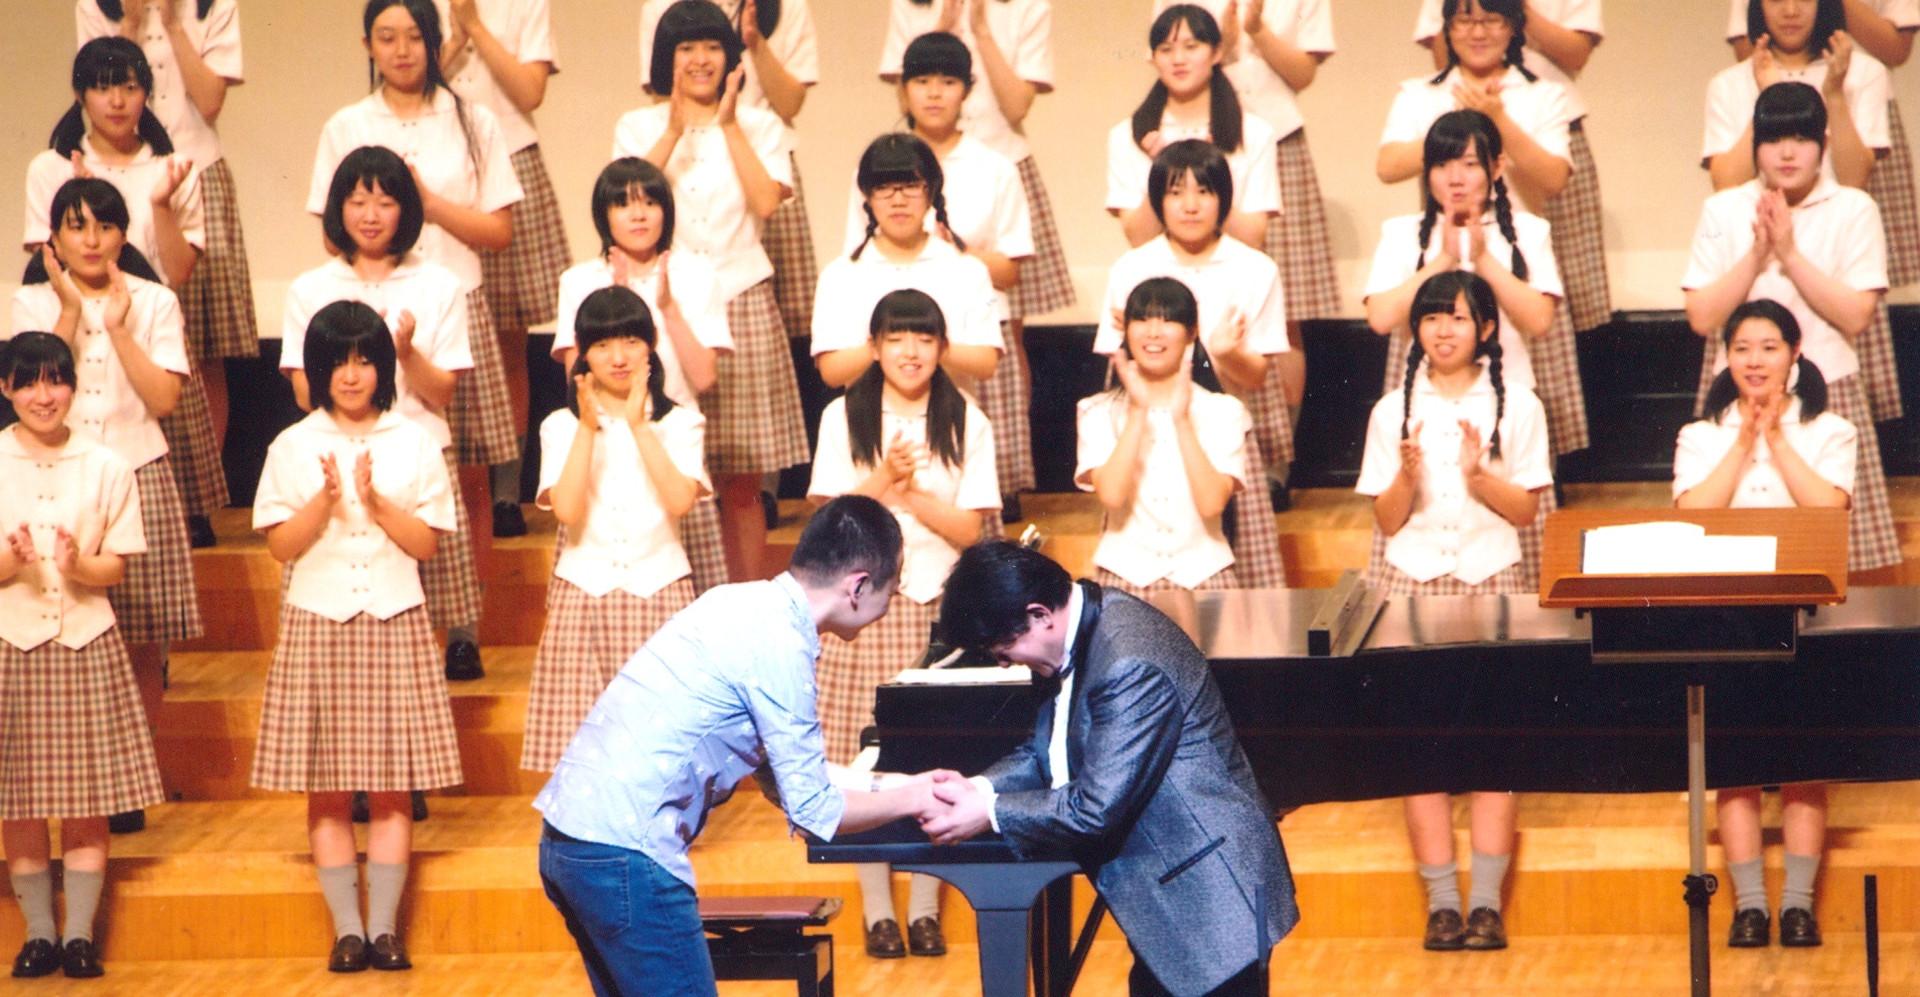 演奏後のステージで菅野正美先生(指揮)と。  2014.8 郡山高等学校定期演奏会